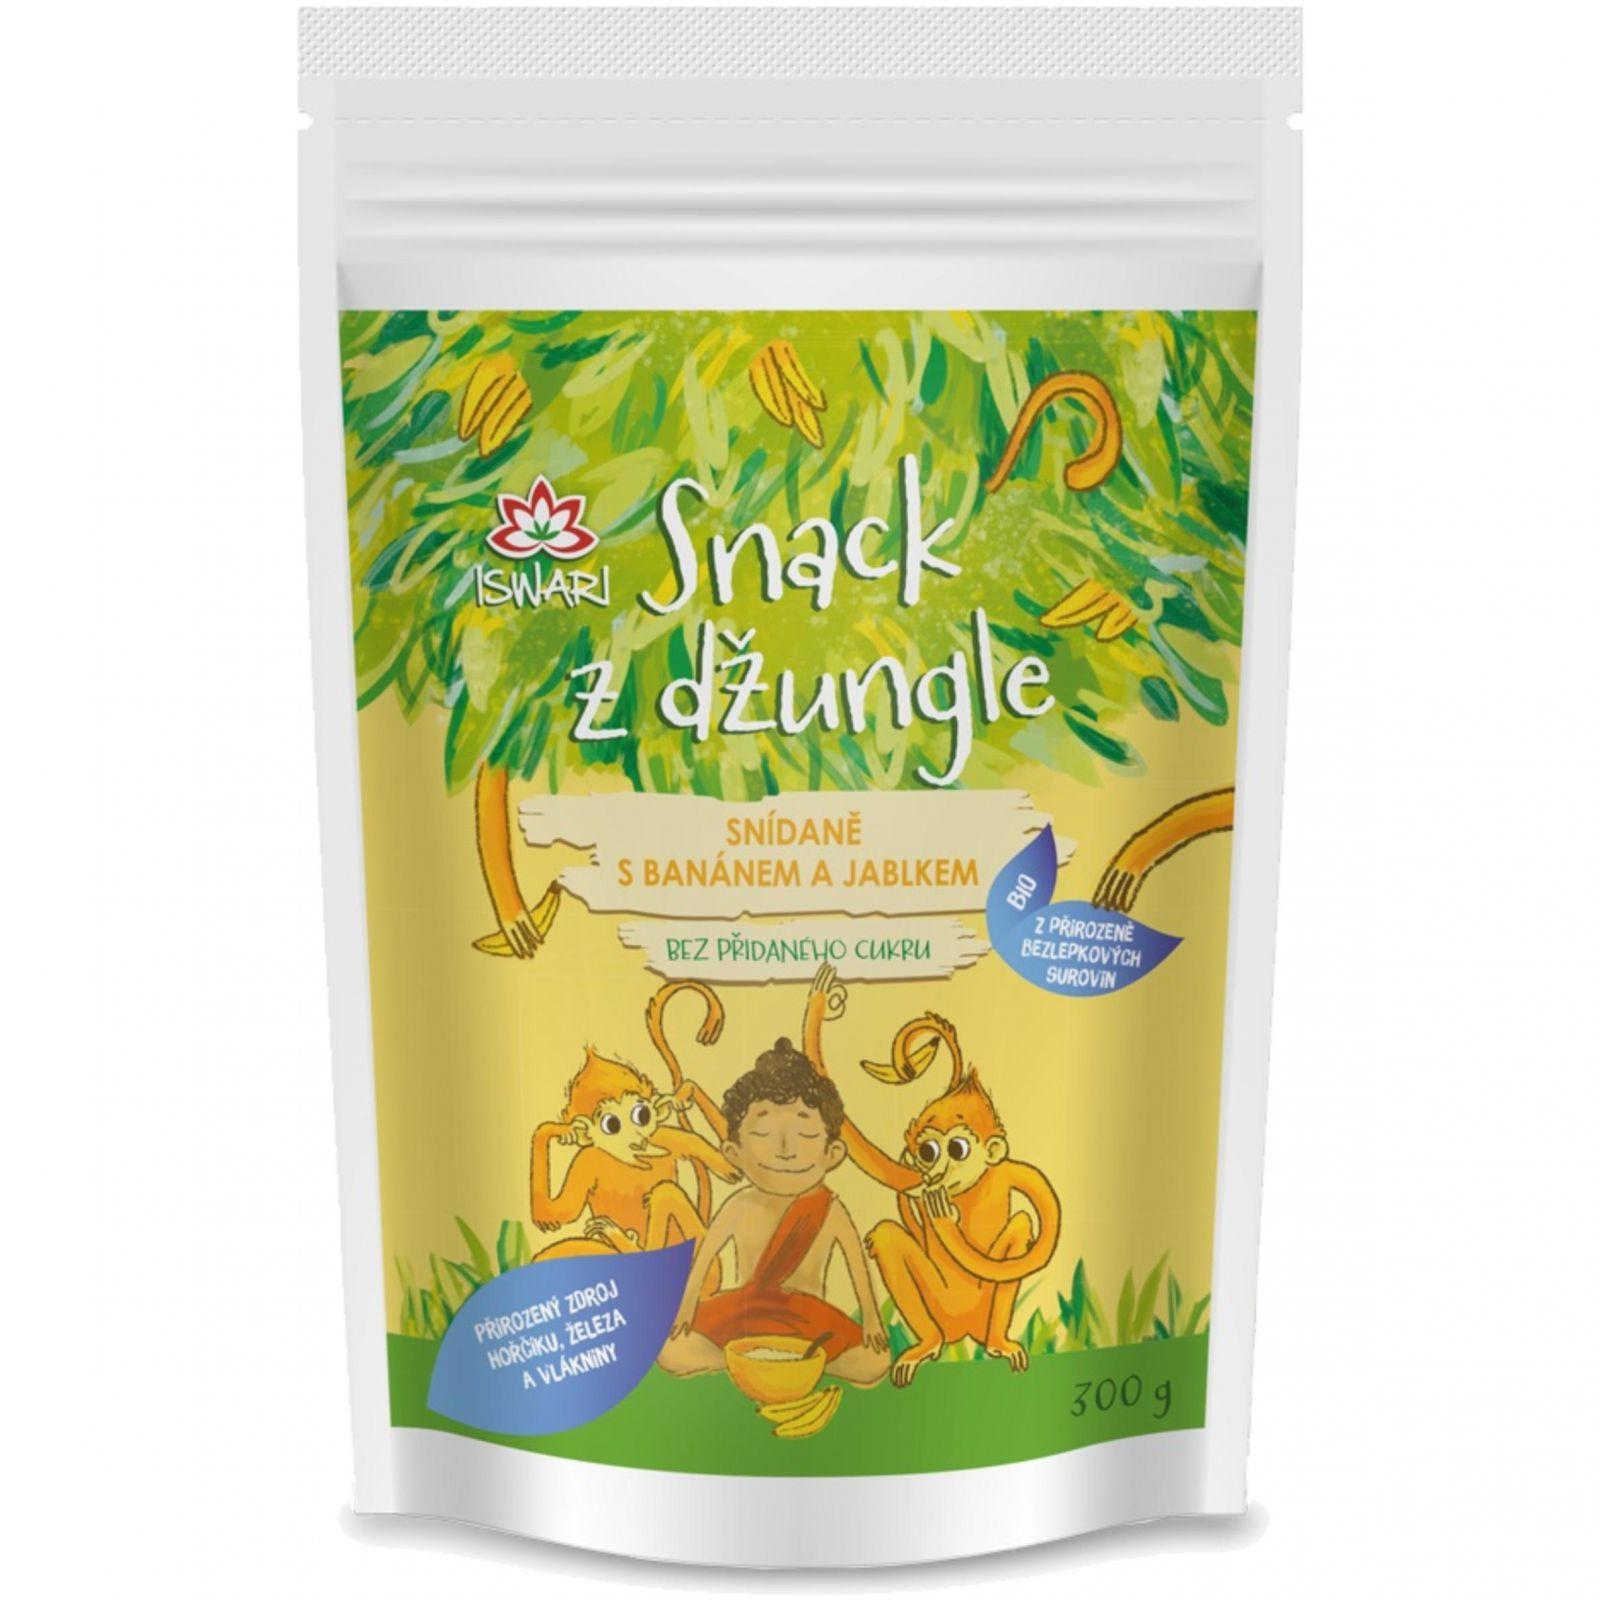 Iswari BIO Snack z džungle 300 g - snídaně s banánem a jablkem